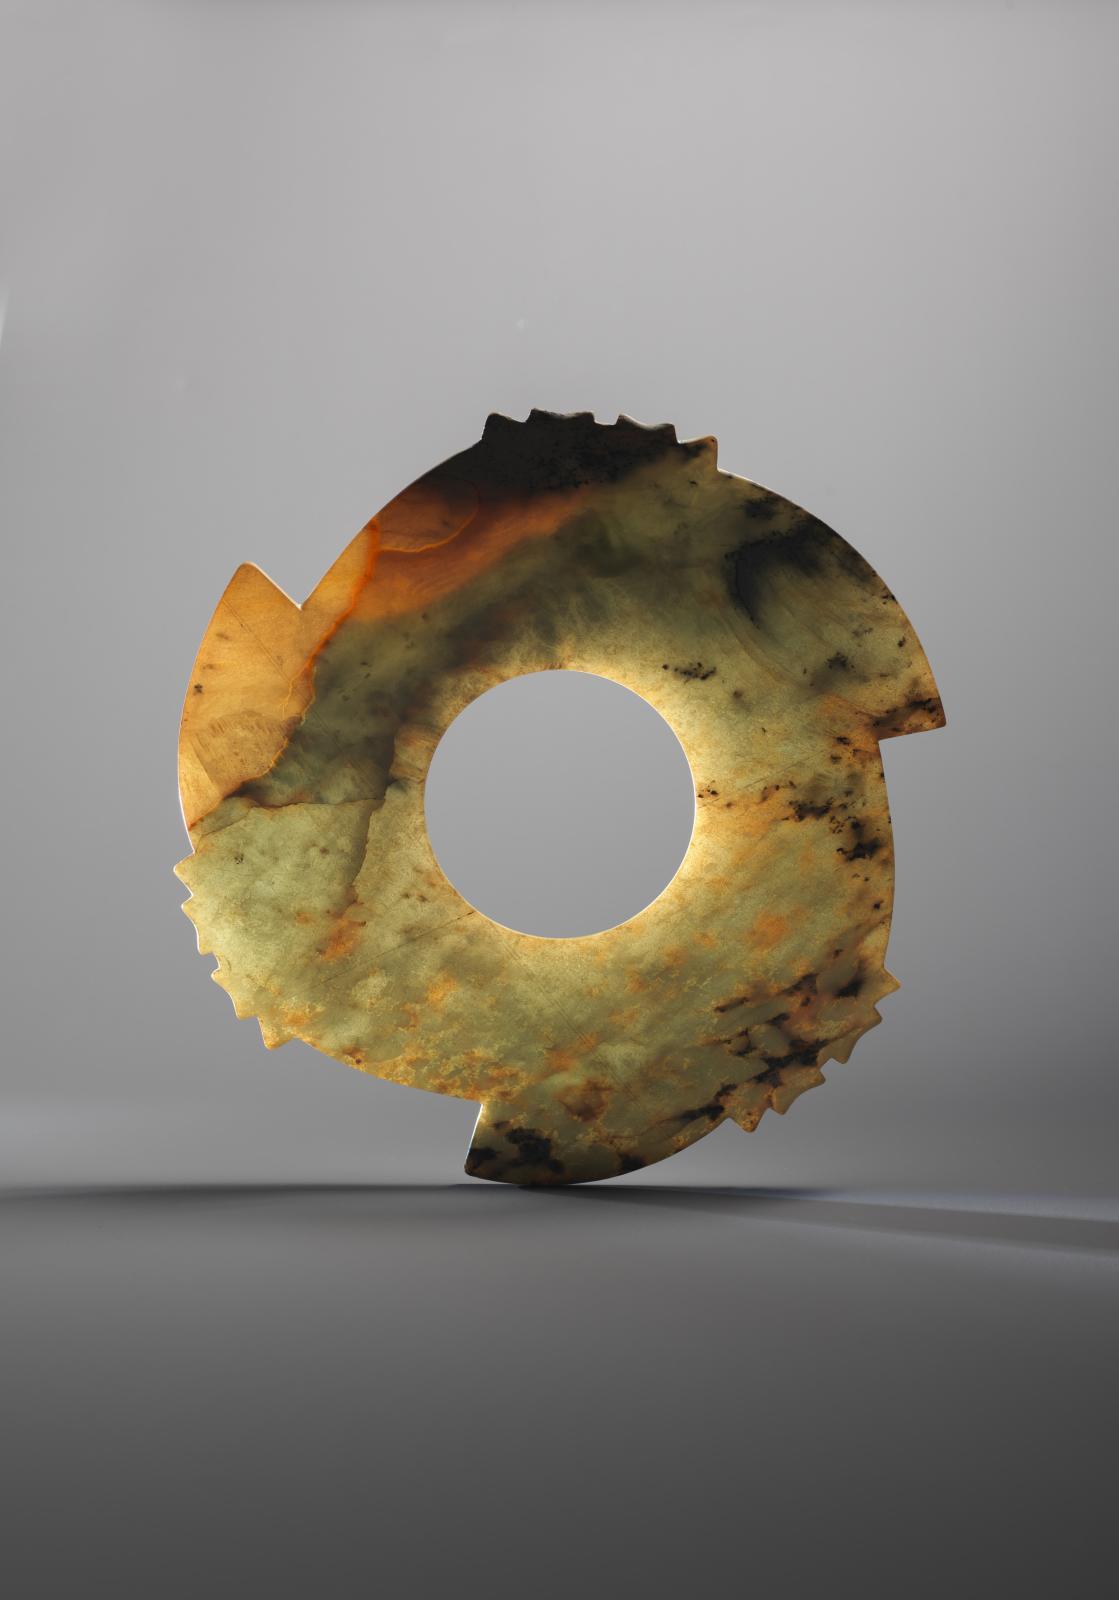 Chine, fin du néolithique, période Shang, 2000-1500 av. J.-C. Disque cranté en jade, archaïque. COURTESY GALERIE ESKENAZI